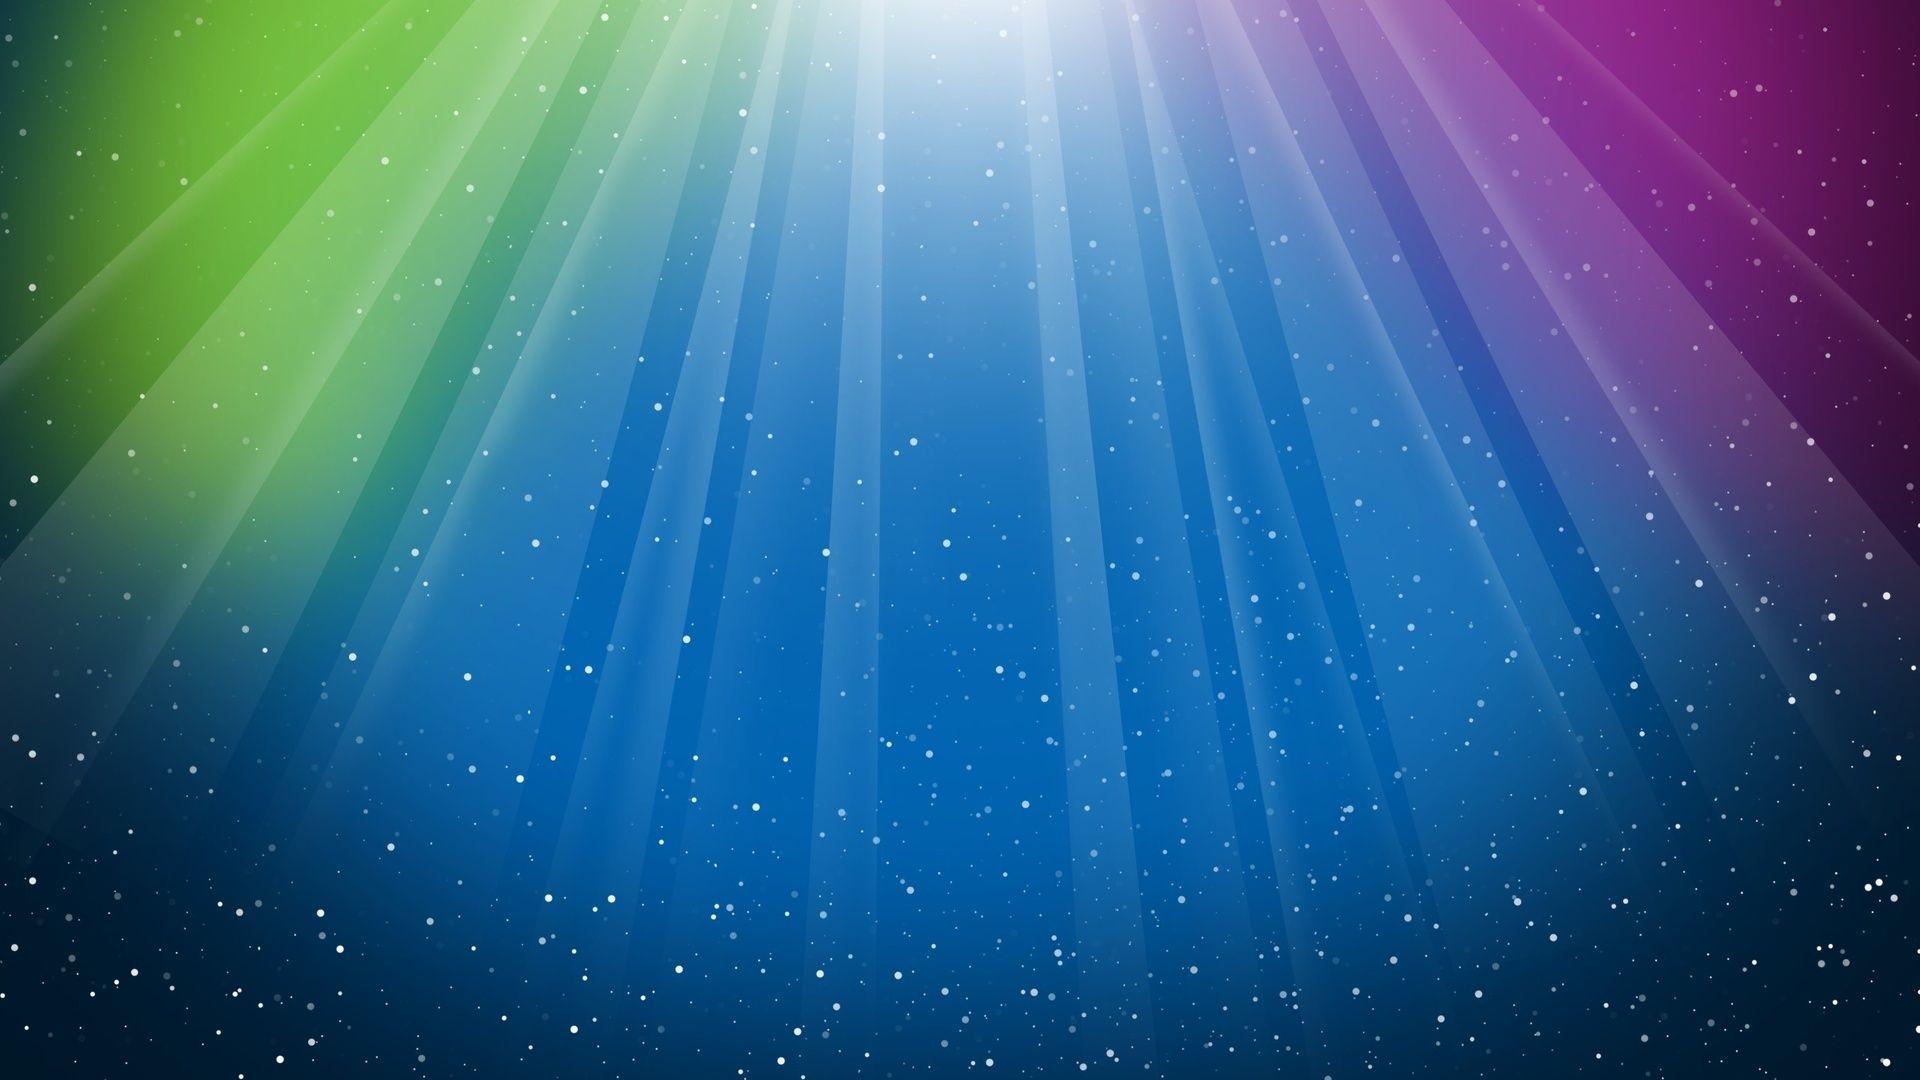 Background Glow